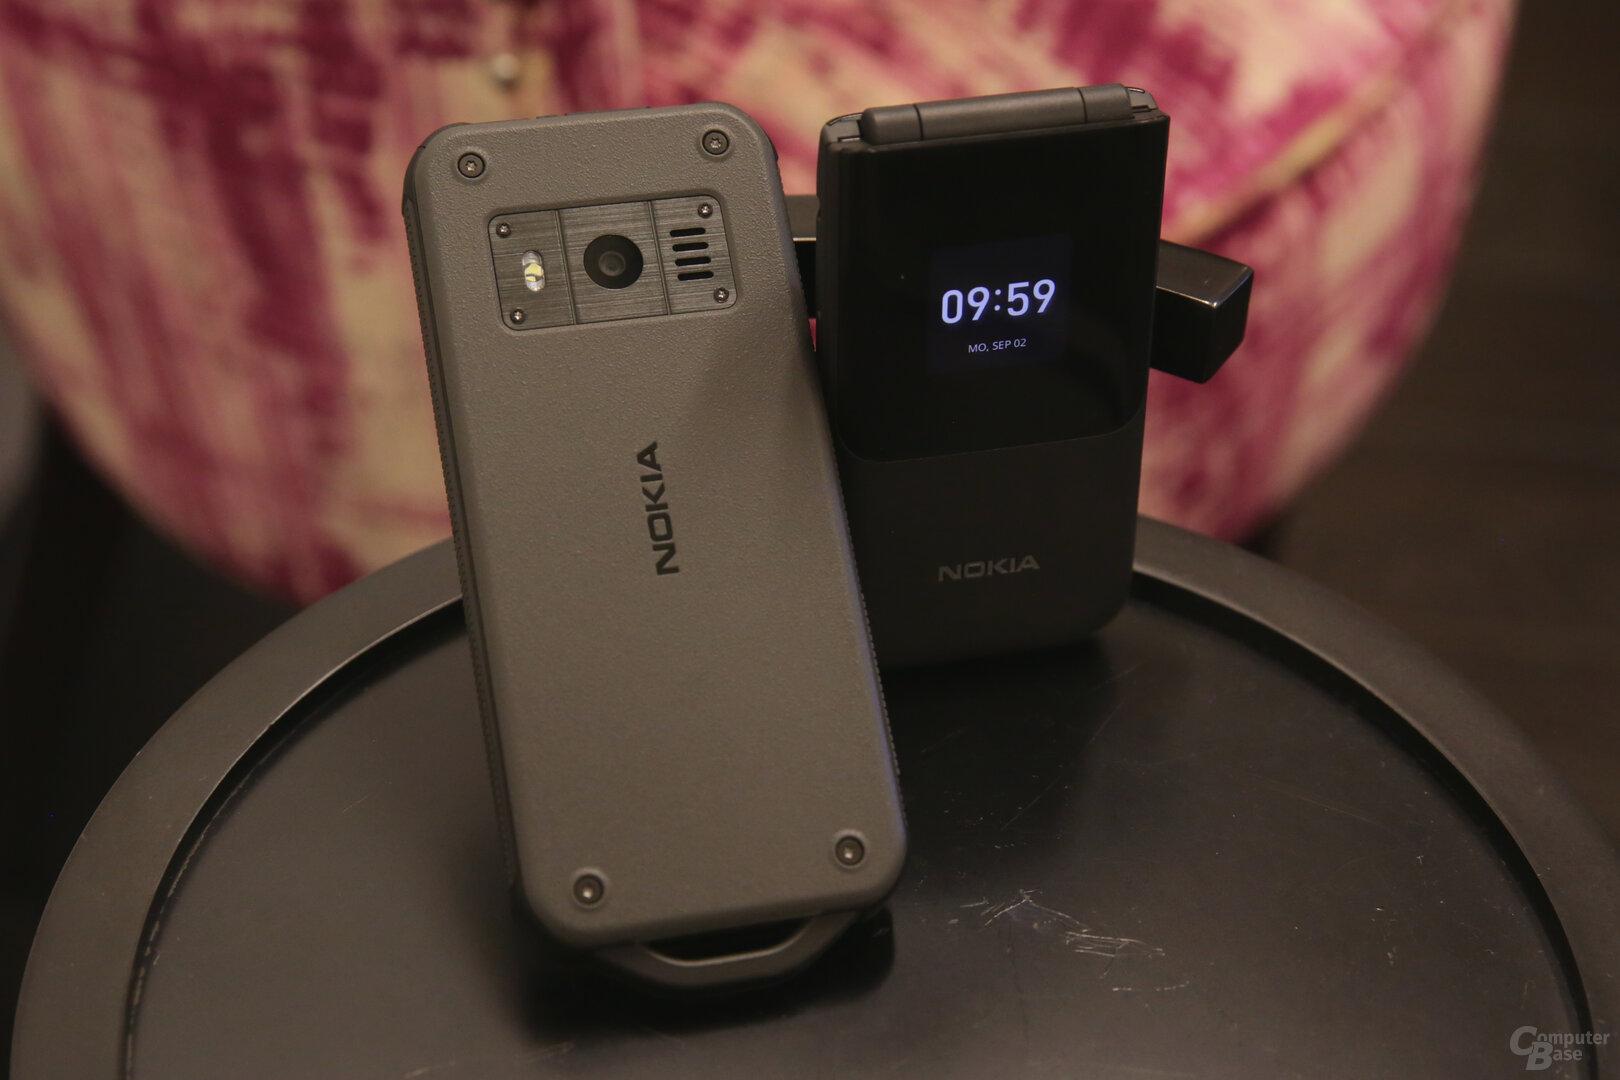 Nokia 800 Tough (links) neben Nokia 2720 Flip